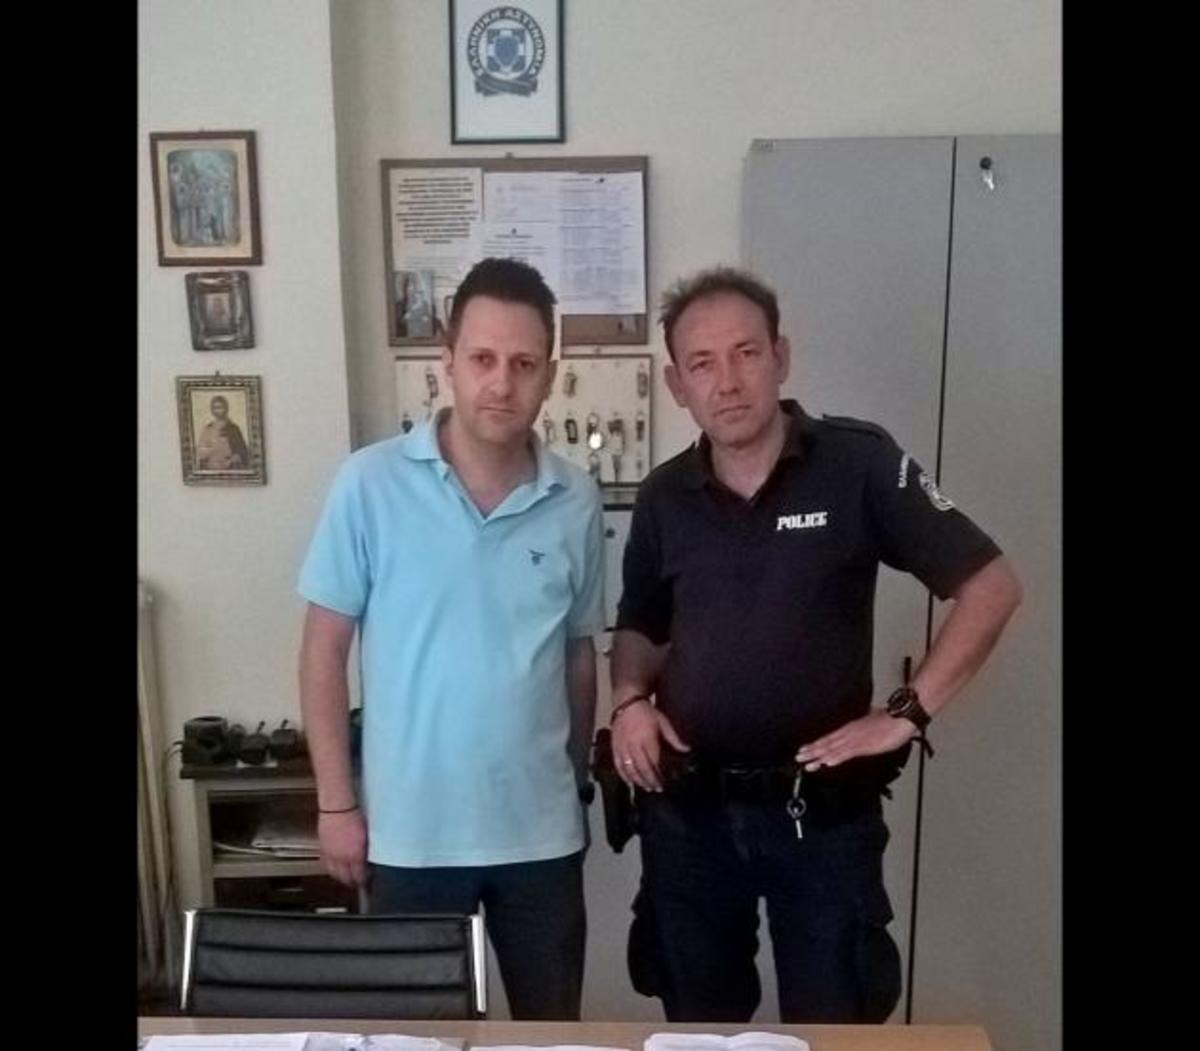 Αστυνομικός παράδειγμα προς μίμηση έσωσε από βέβαιο πνιγμό 60χρονη